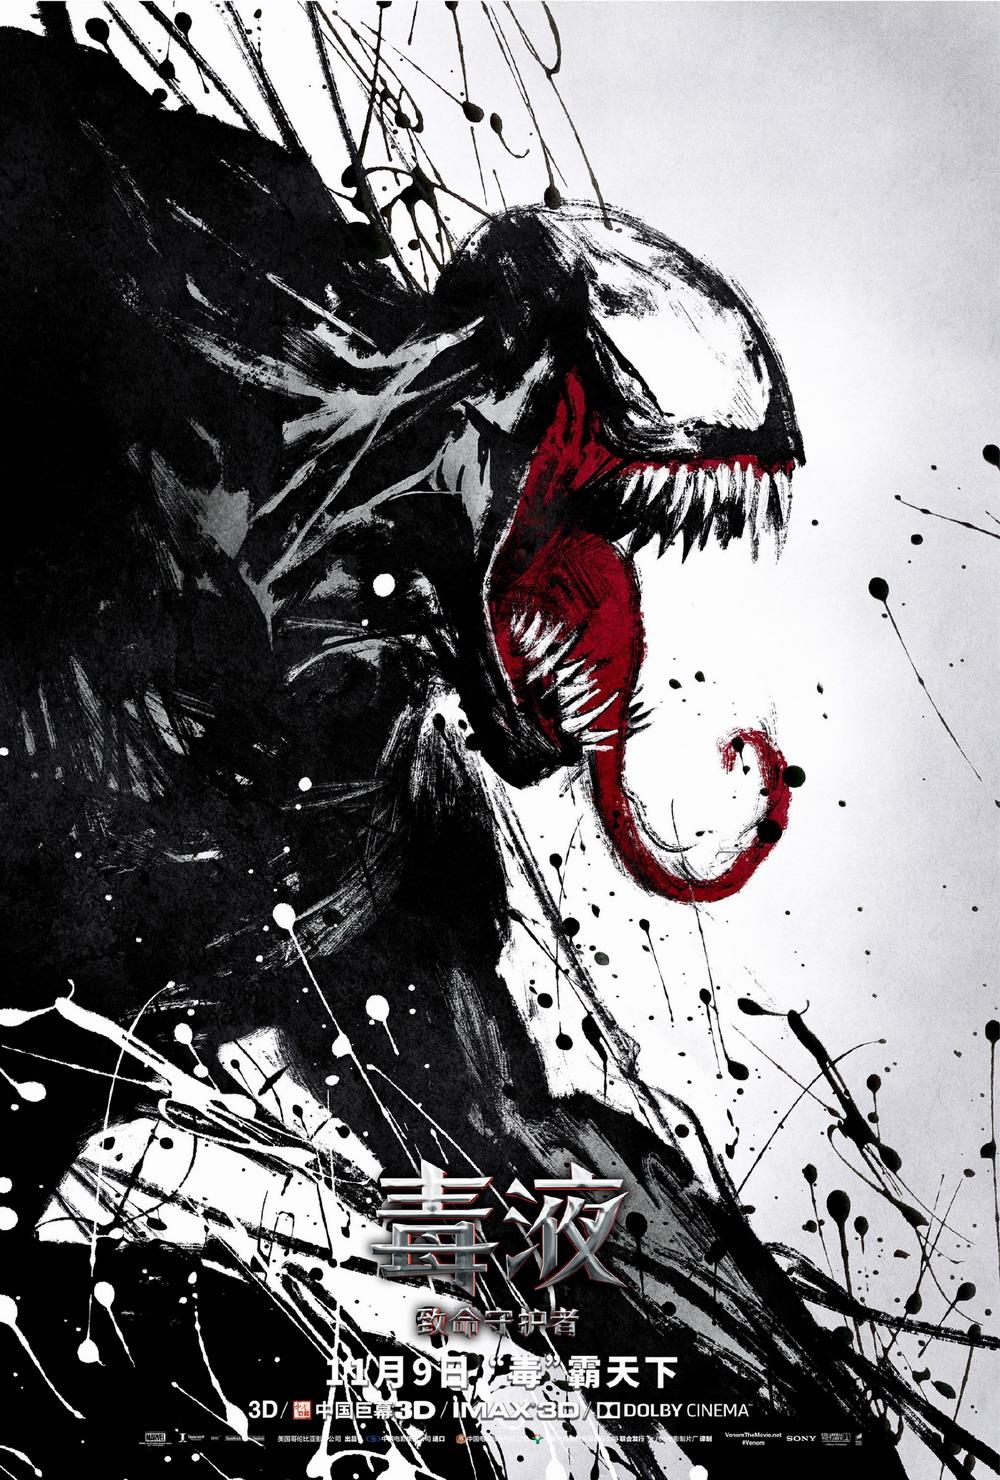 《毒液》 中文艺术海报欣赏 水墨飞溅洒满海报气势逼人